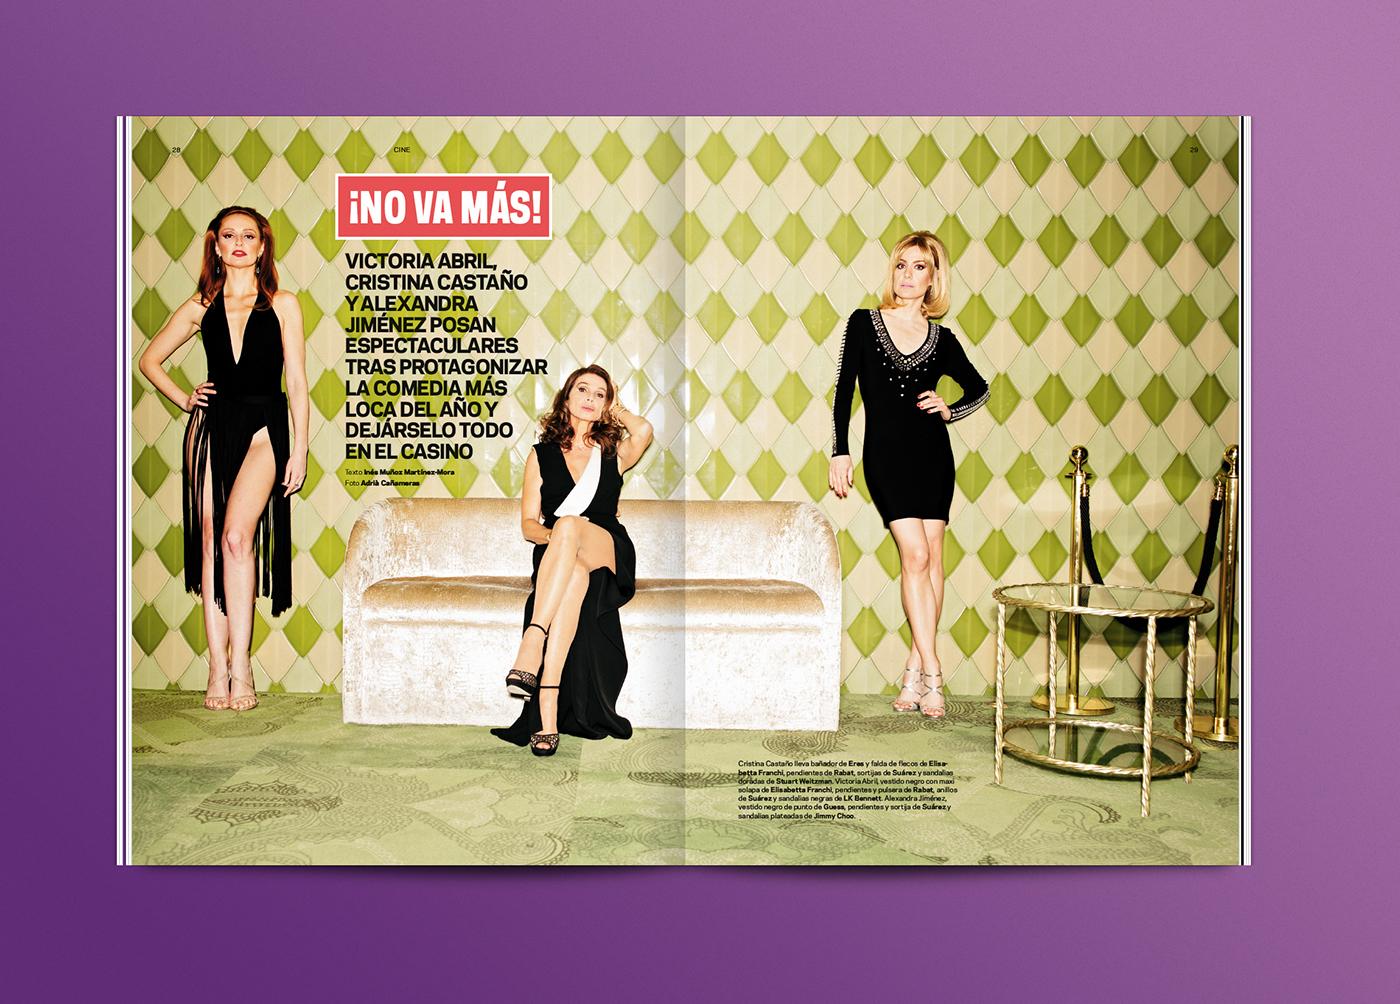 tentaciones kendrick lamar Ellen Page chuck palahniuk james mcavoy Victoria Abril